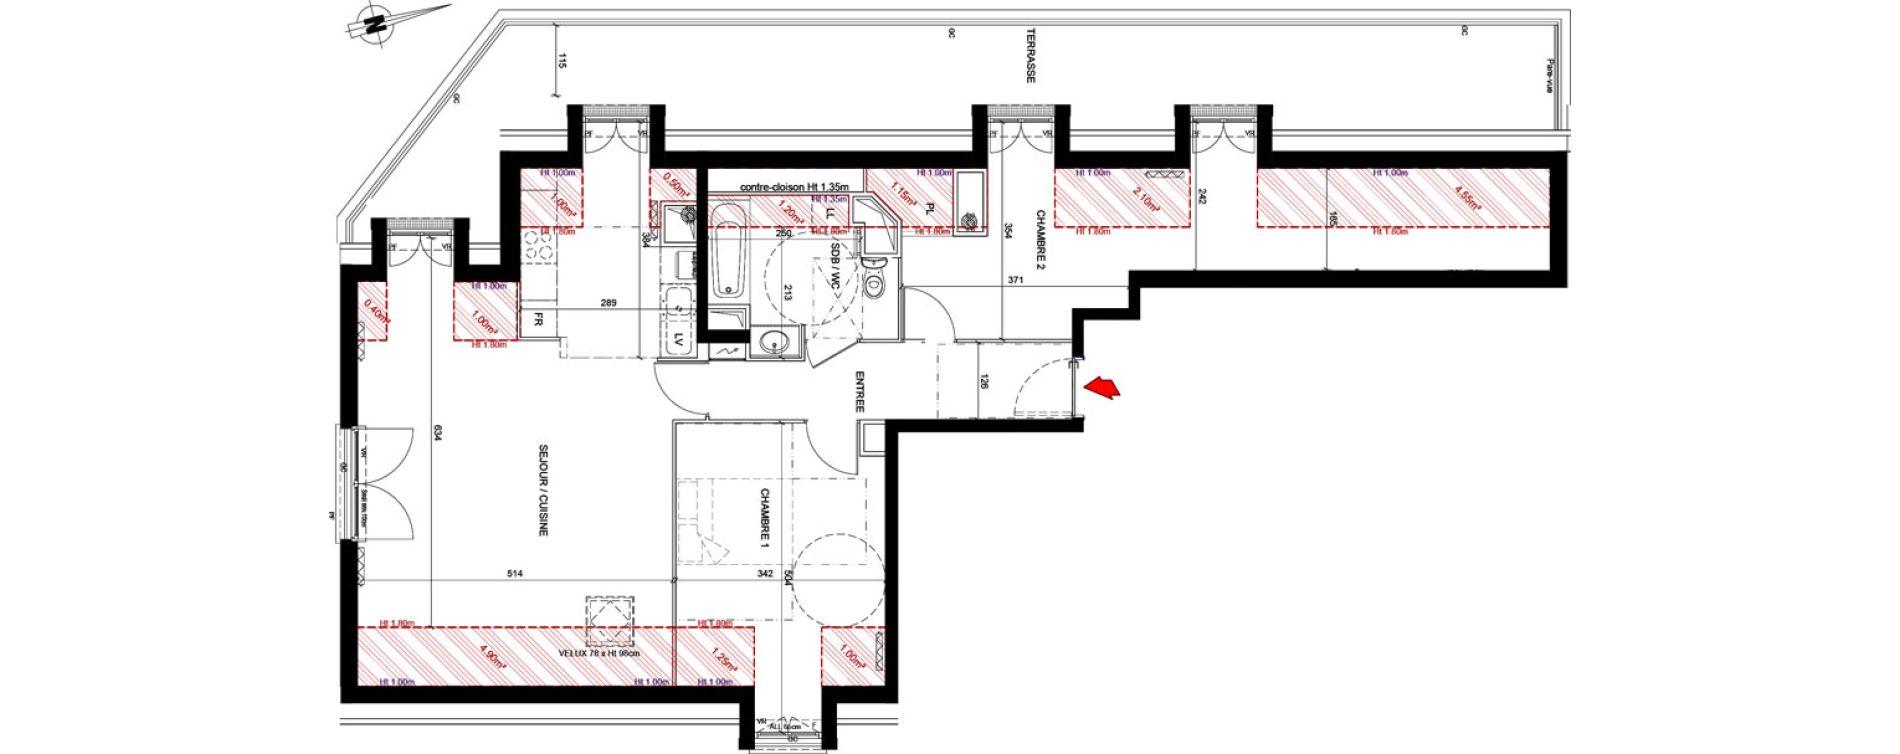 Appartement T3 de 73,68 m2 à Marly-Le-Roi Les vauillons